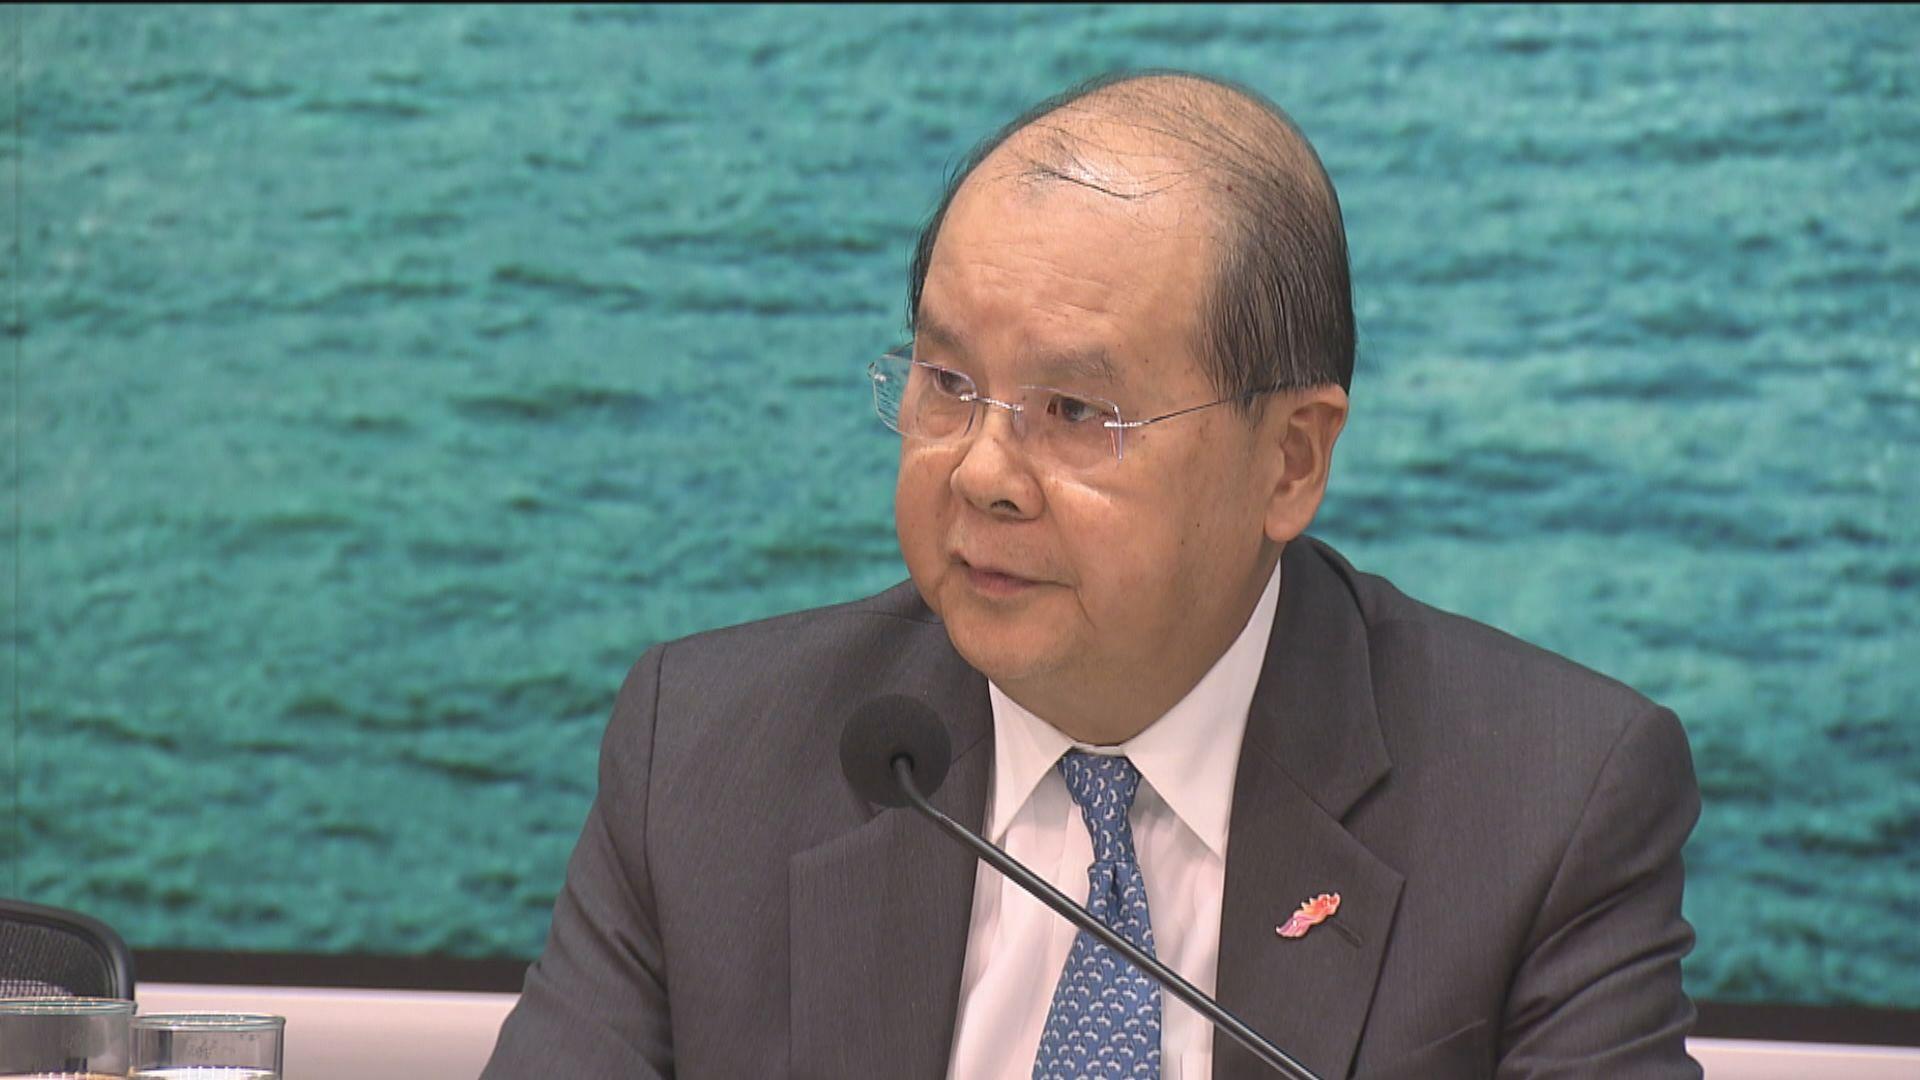 張建宗:政府已積極跟進採購新冠病毒疫苗工作